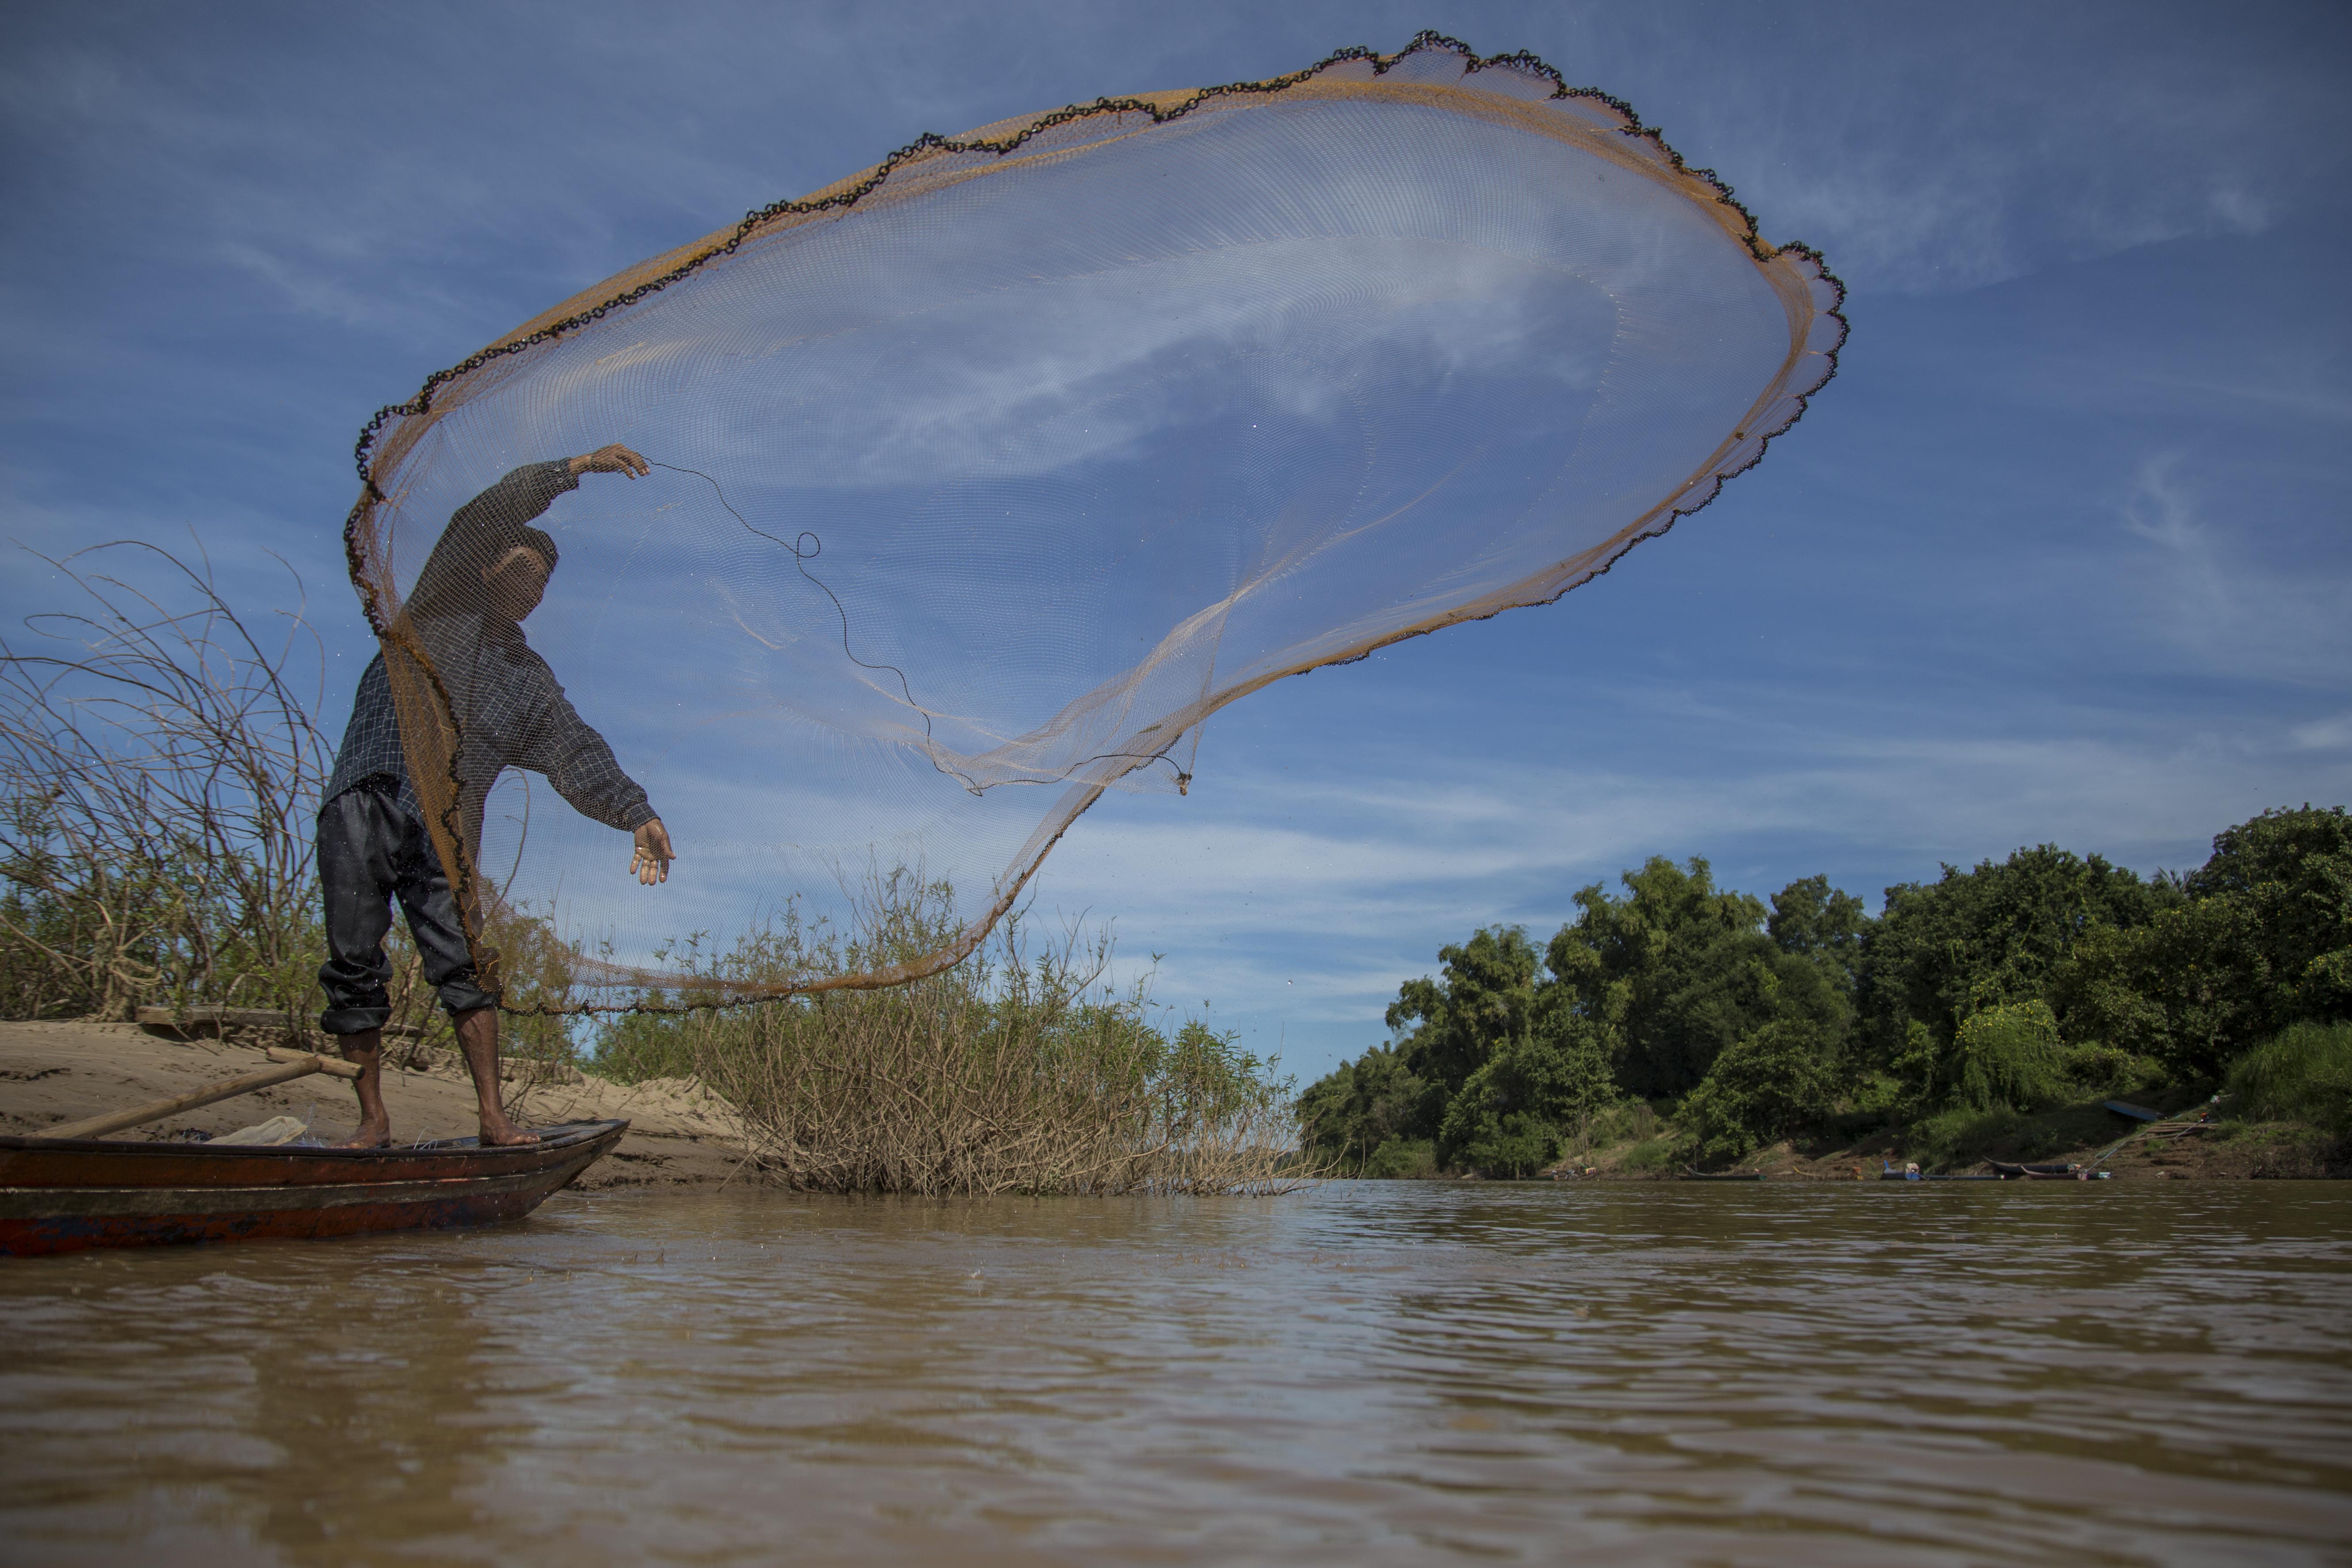 Kem Soth casts is net in the Mekong River. Photo by Savann Oeurm/Oxfam